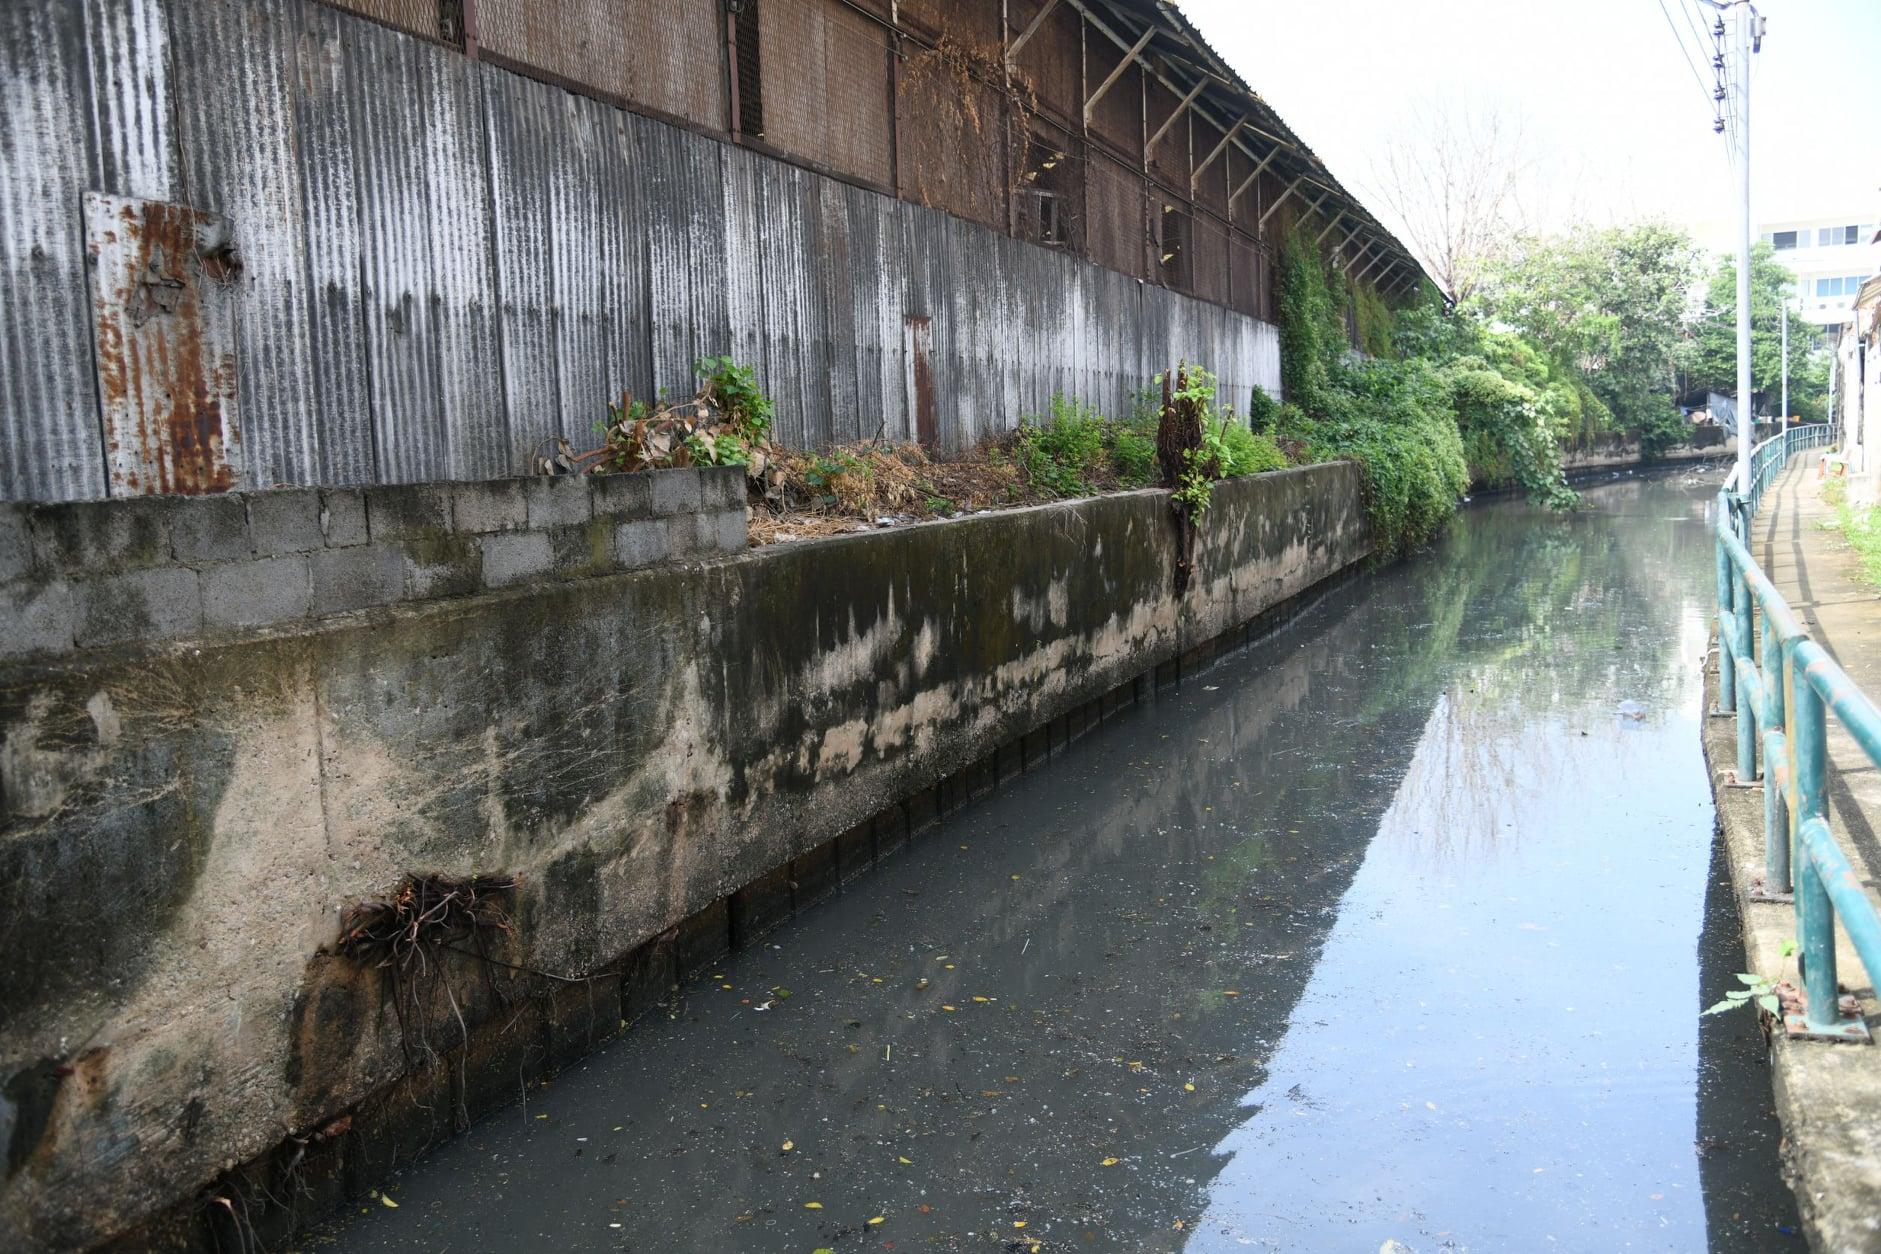 สภากทม.ลงพื้นที่จัดการน้ำบริเวณชุมชนวัดระฆังและชุมชนตรอกวังหลัง เขตบางกอกน้อย